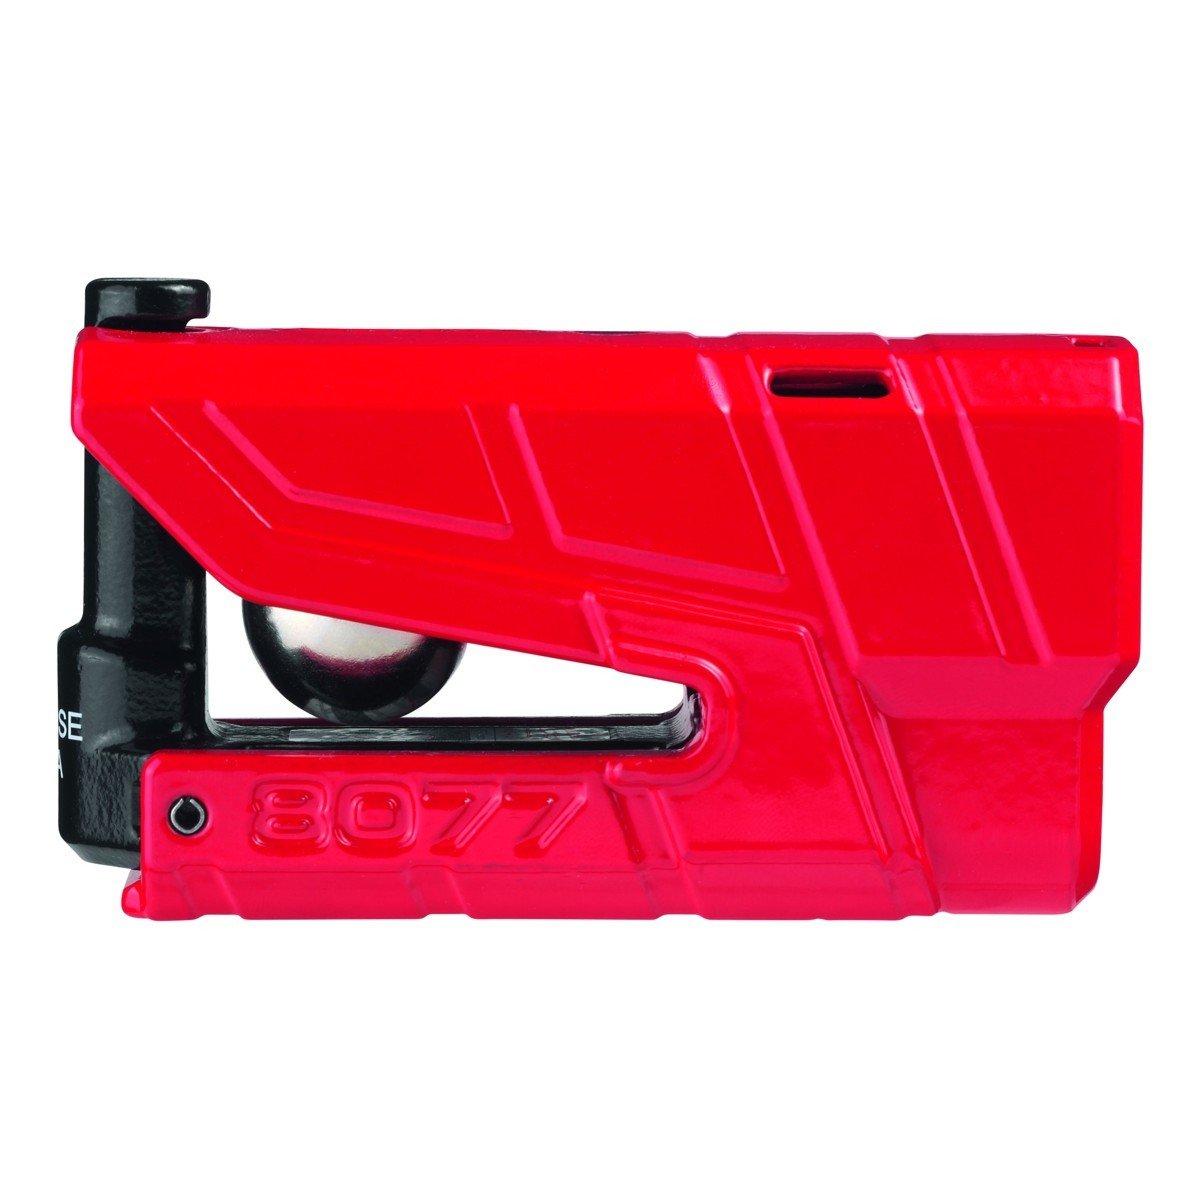 Bezpečnostní zámek na kotouč brzdy s alarmem a pohybovým čidlem 360° ABUS Granit Detecto 8077 (červený)